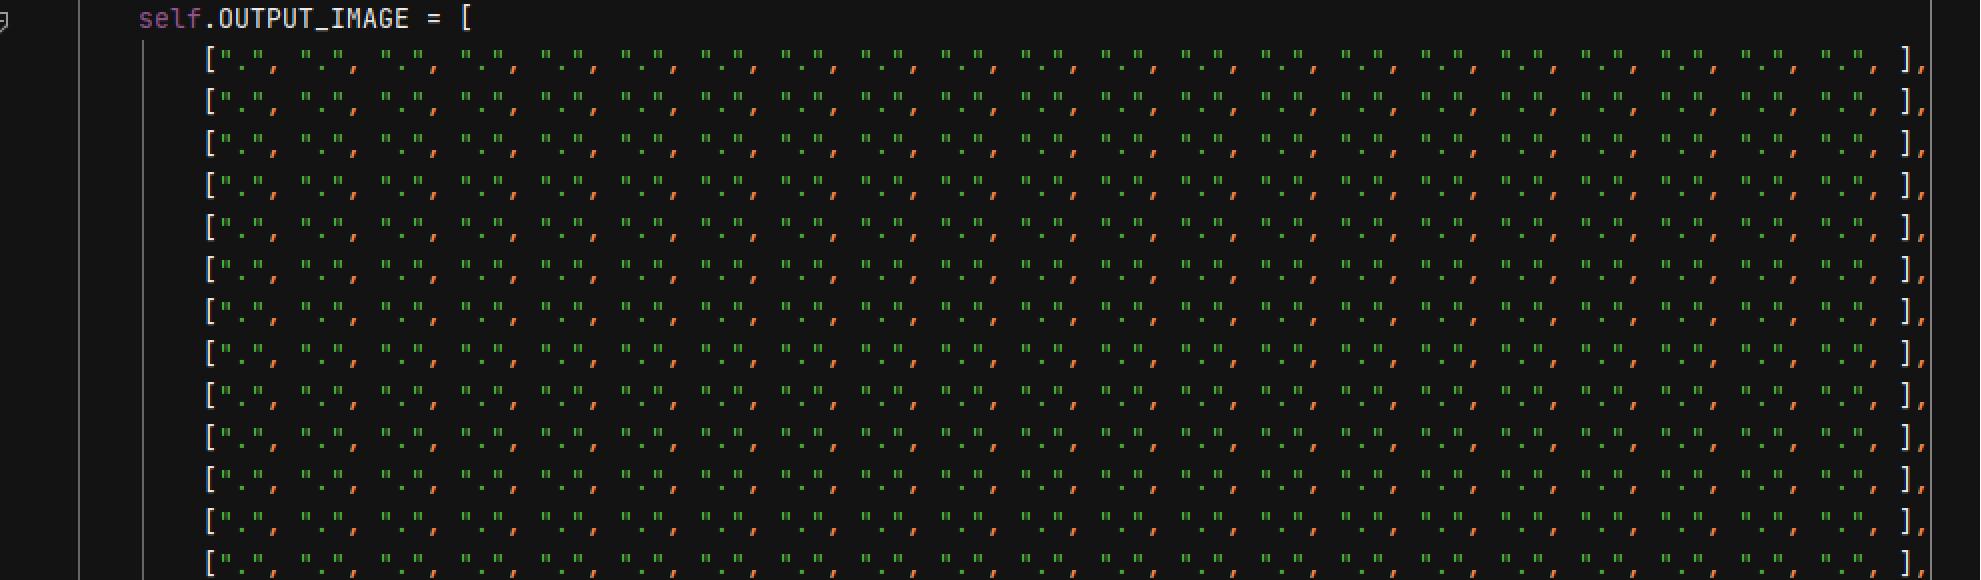 Из песочницы Полноценная игра, сделанная мною в обычной windows консоли